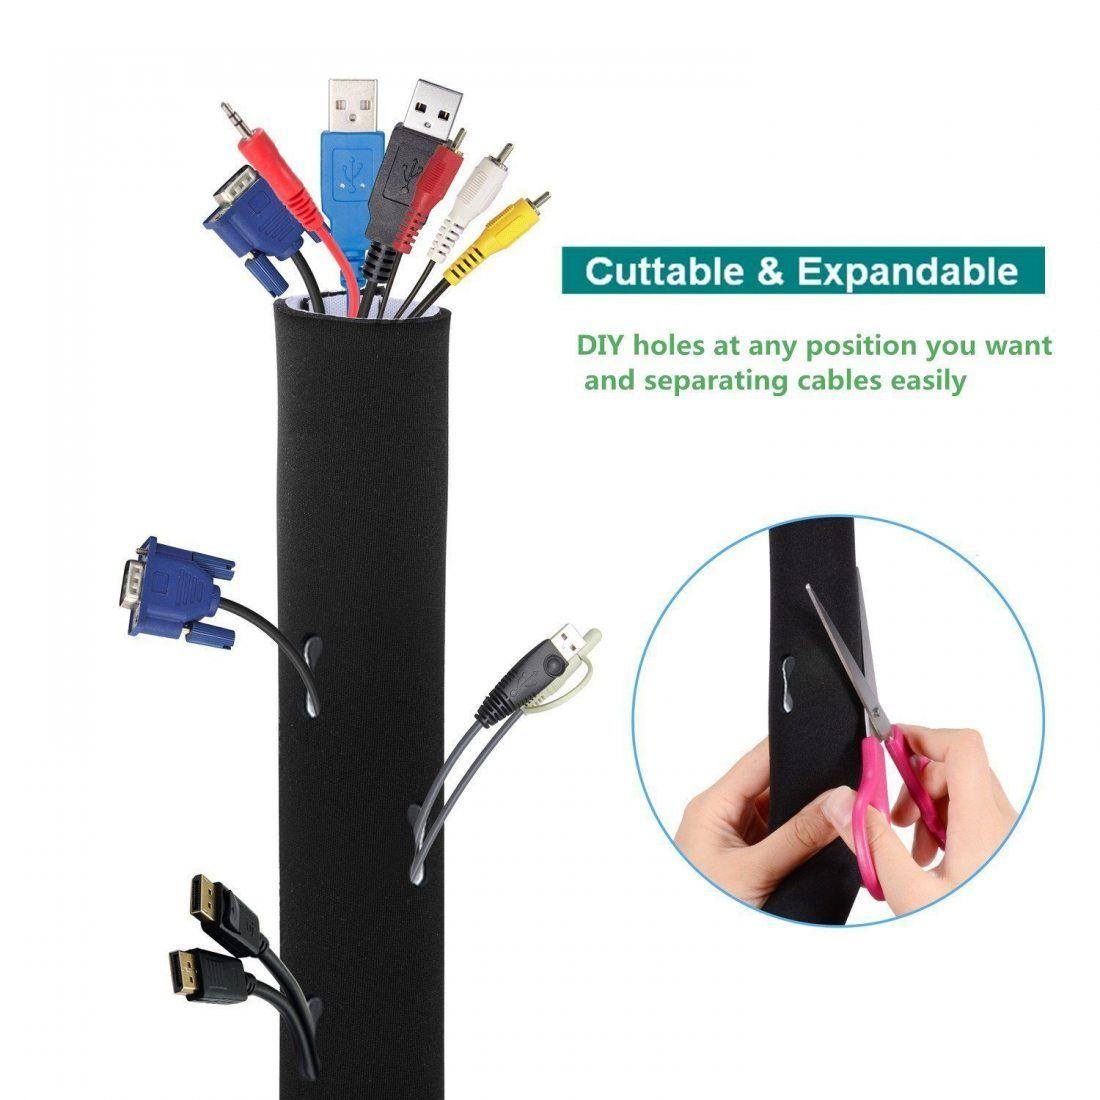 AGPtek Câble Rangement du Néoprène , cache-câble pour Ranger ou Cacher les câbles de Télé ou Ordinateur (149cm*13.4cm)